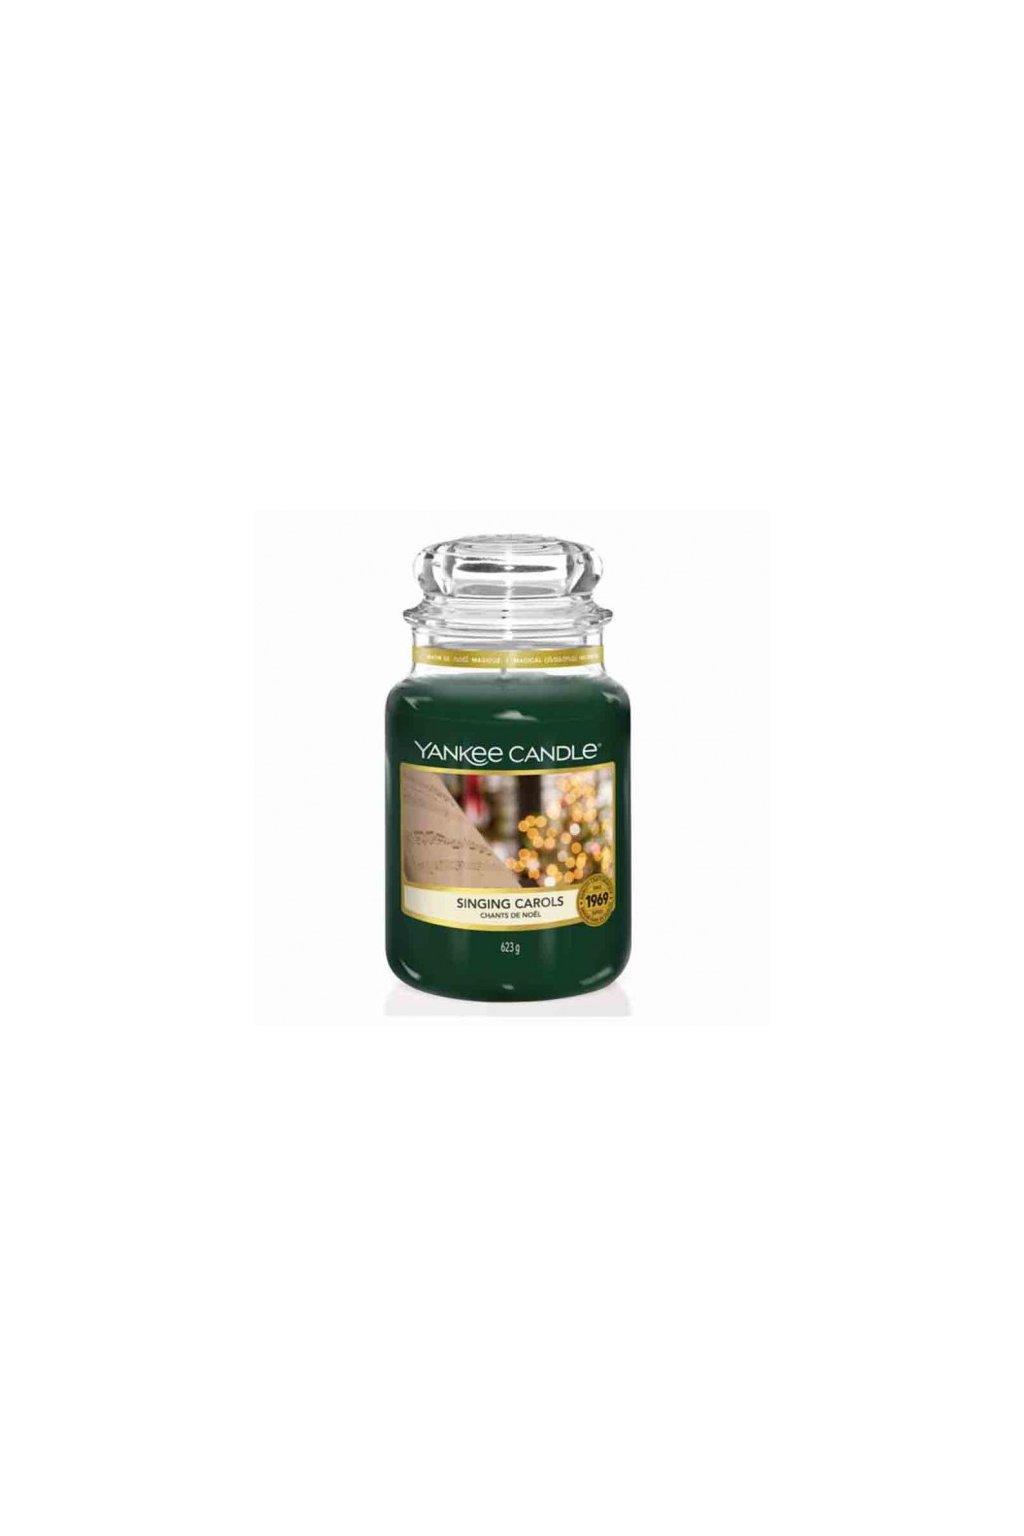 singing carols yankee candle large jar big